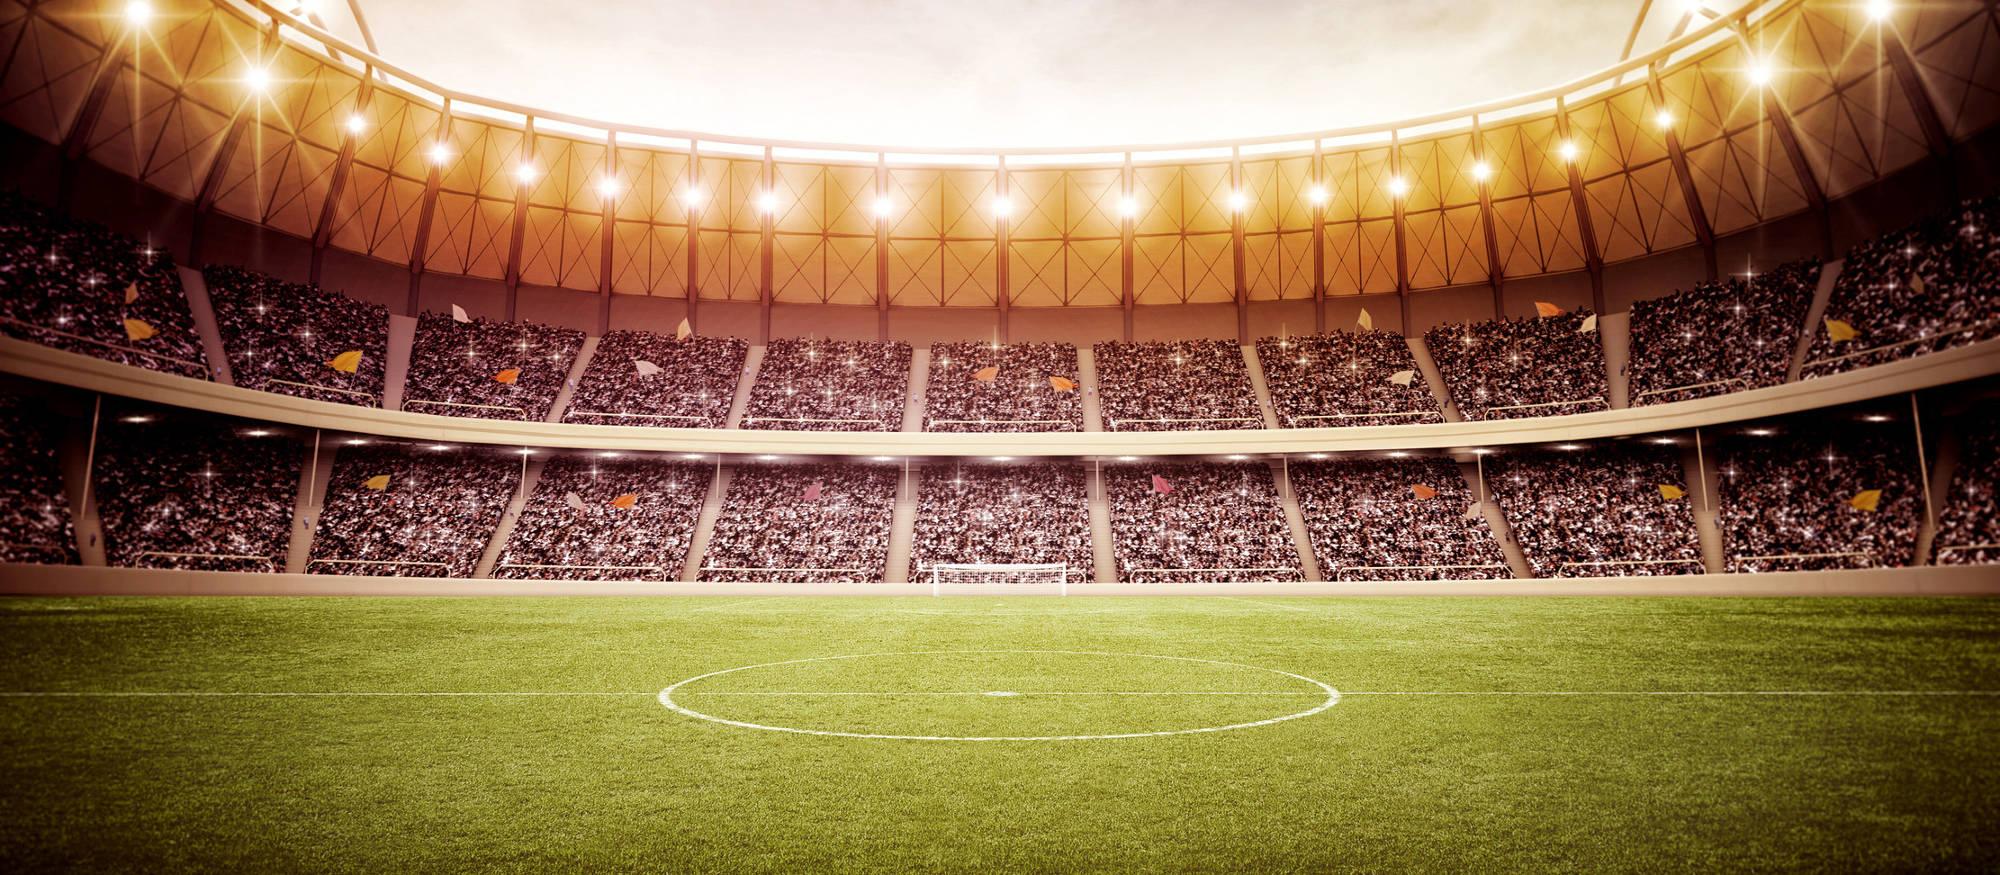 Tippevent.de - Das Tippspiel zur Fußball-WM 2018 für Unternehmen